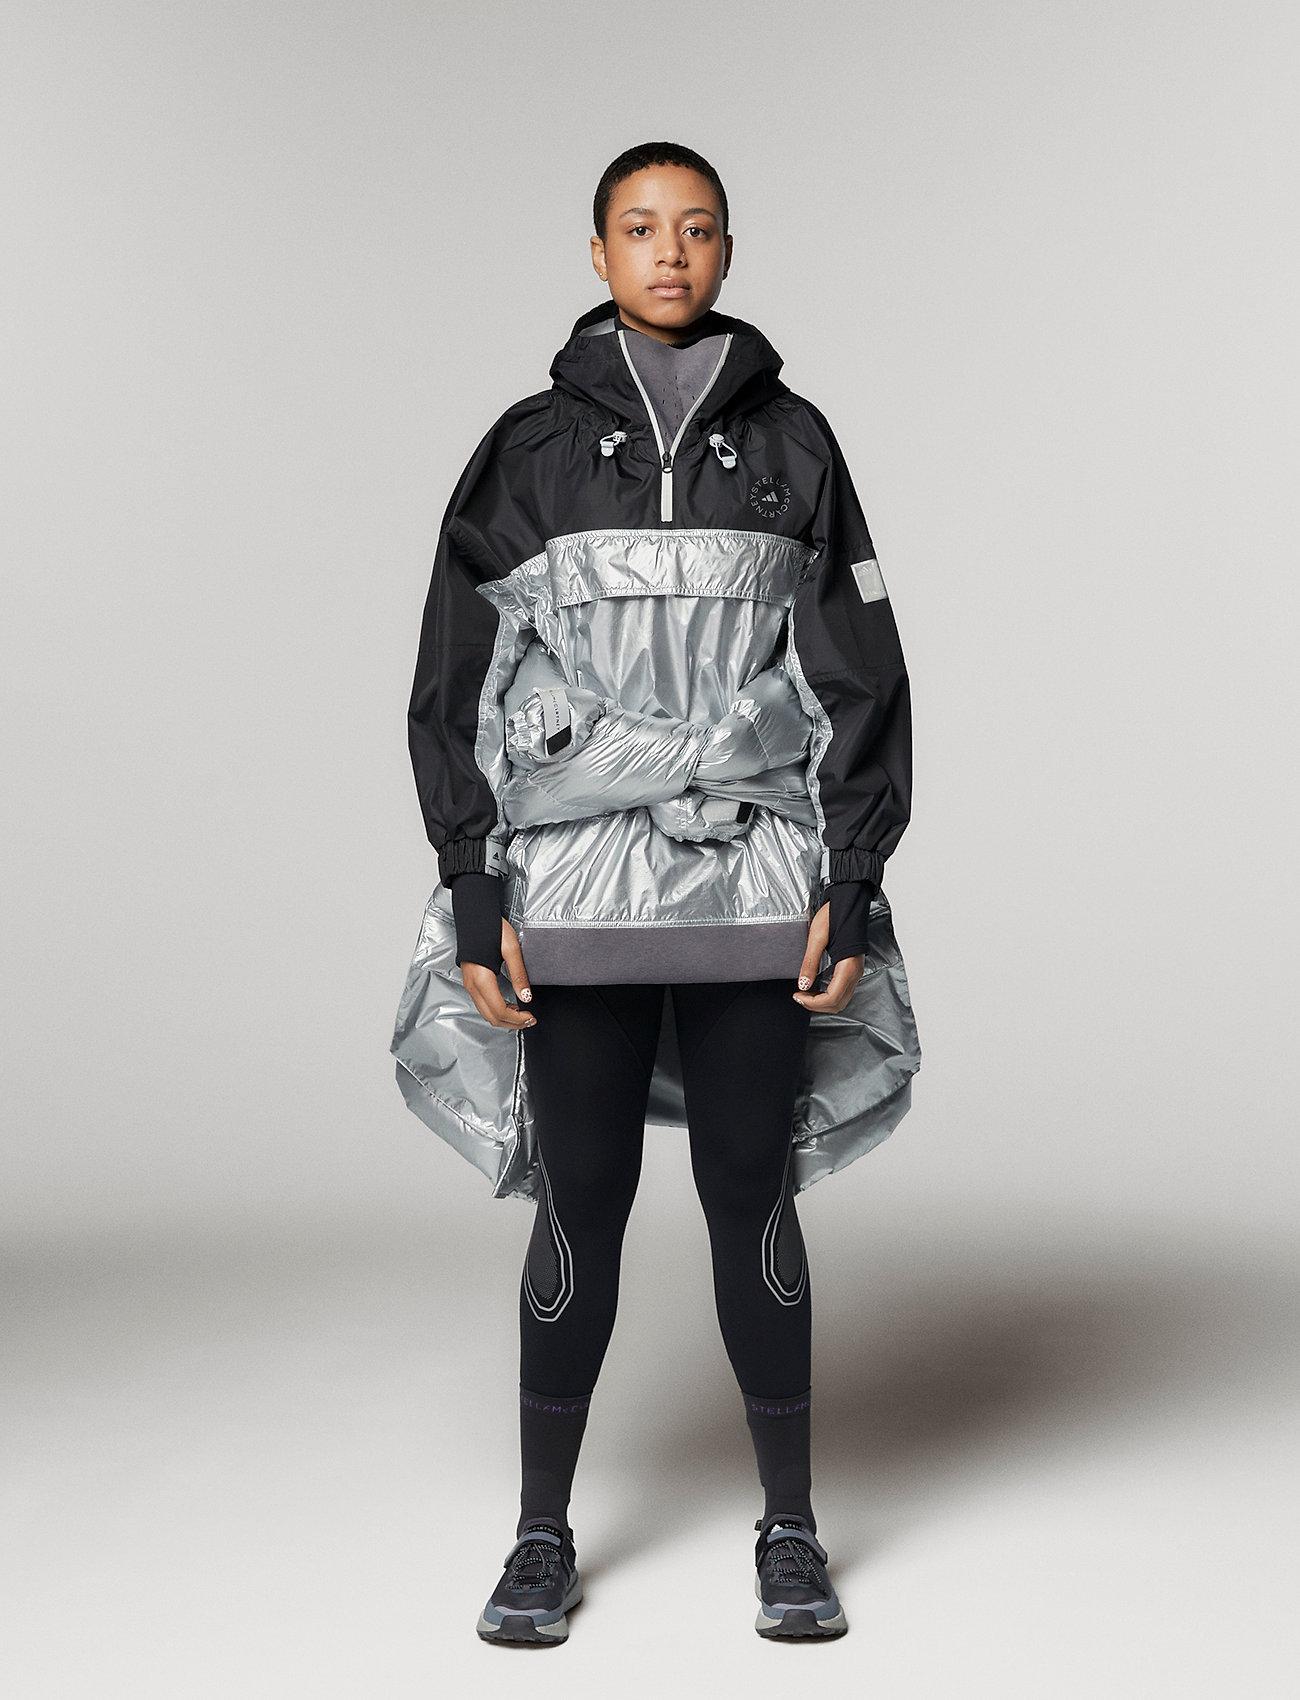 adidas by Stella McCartney - URBXTR PULLON - träningsjackor - black/metsil - 0